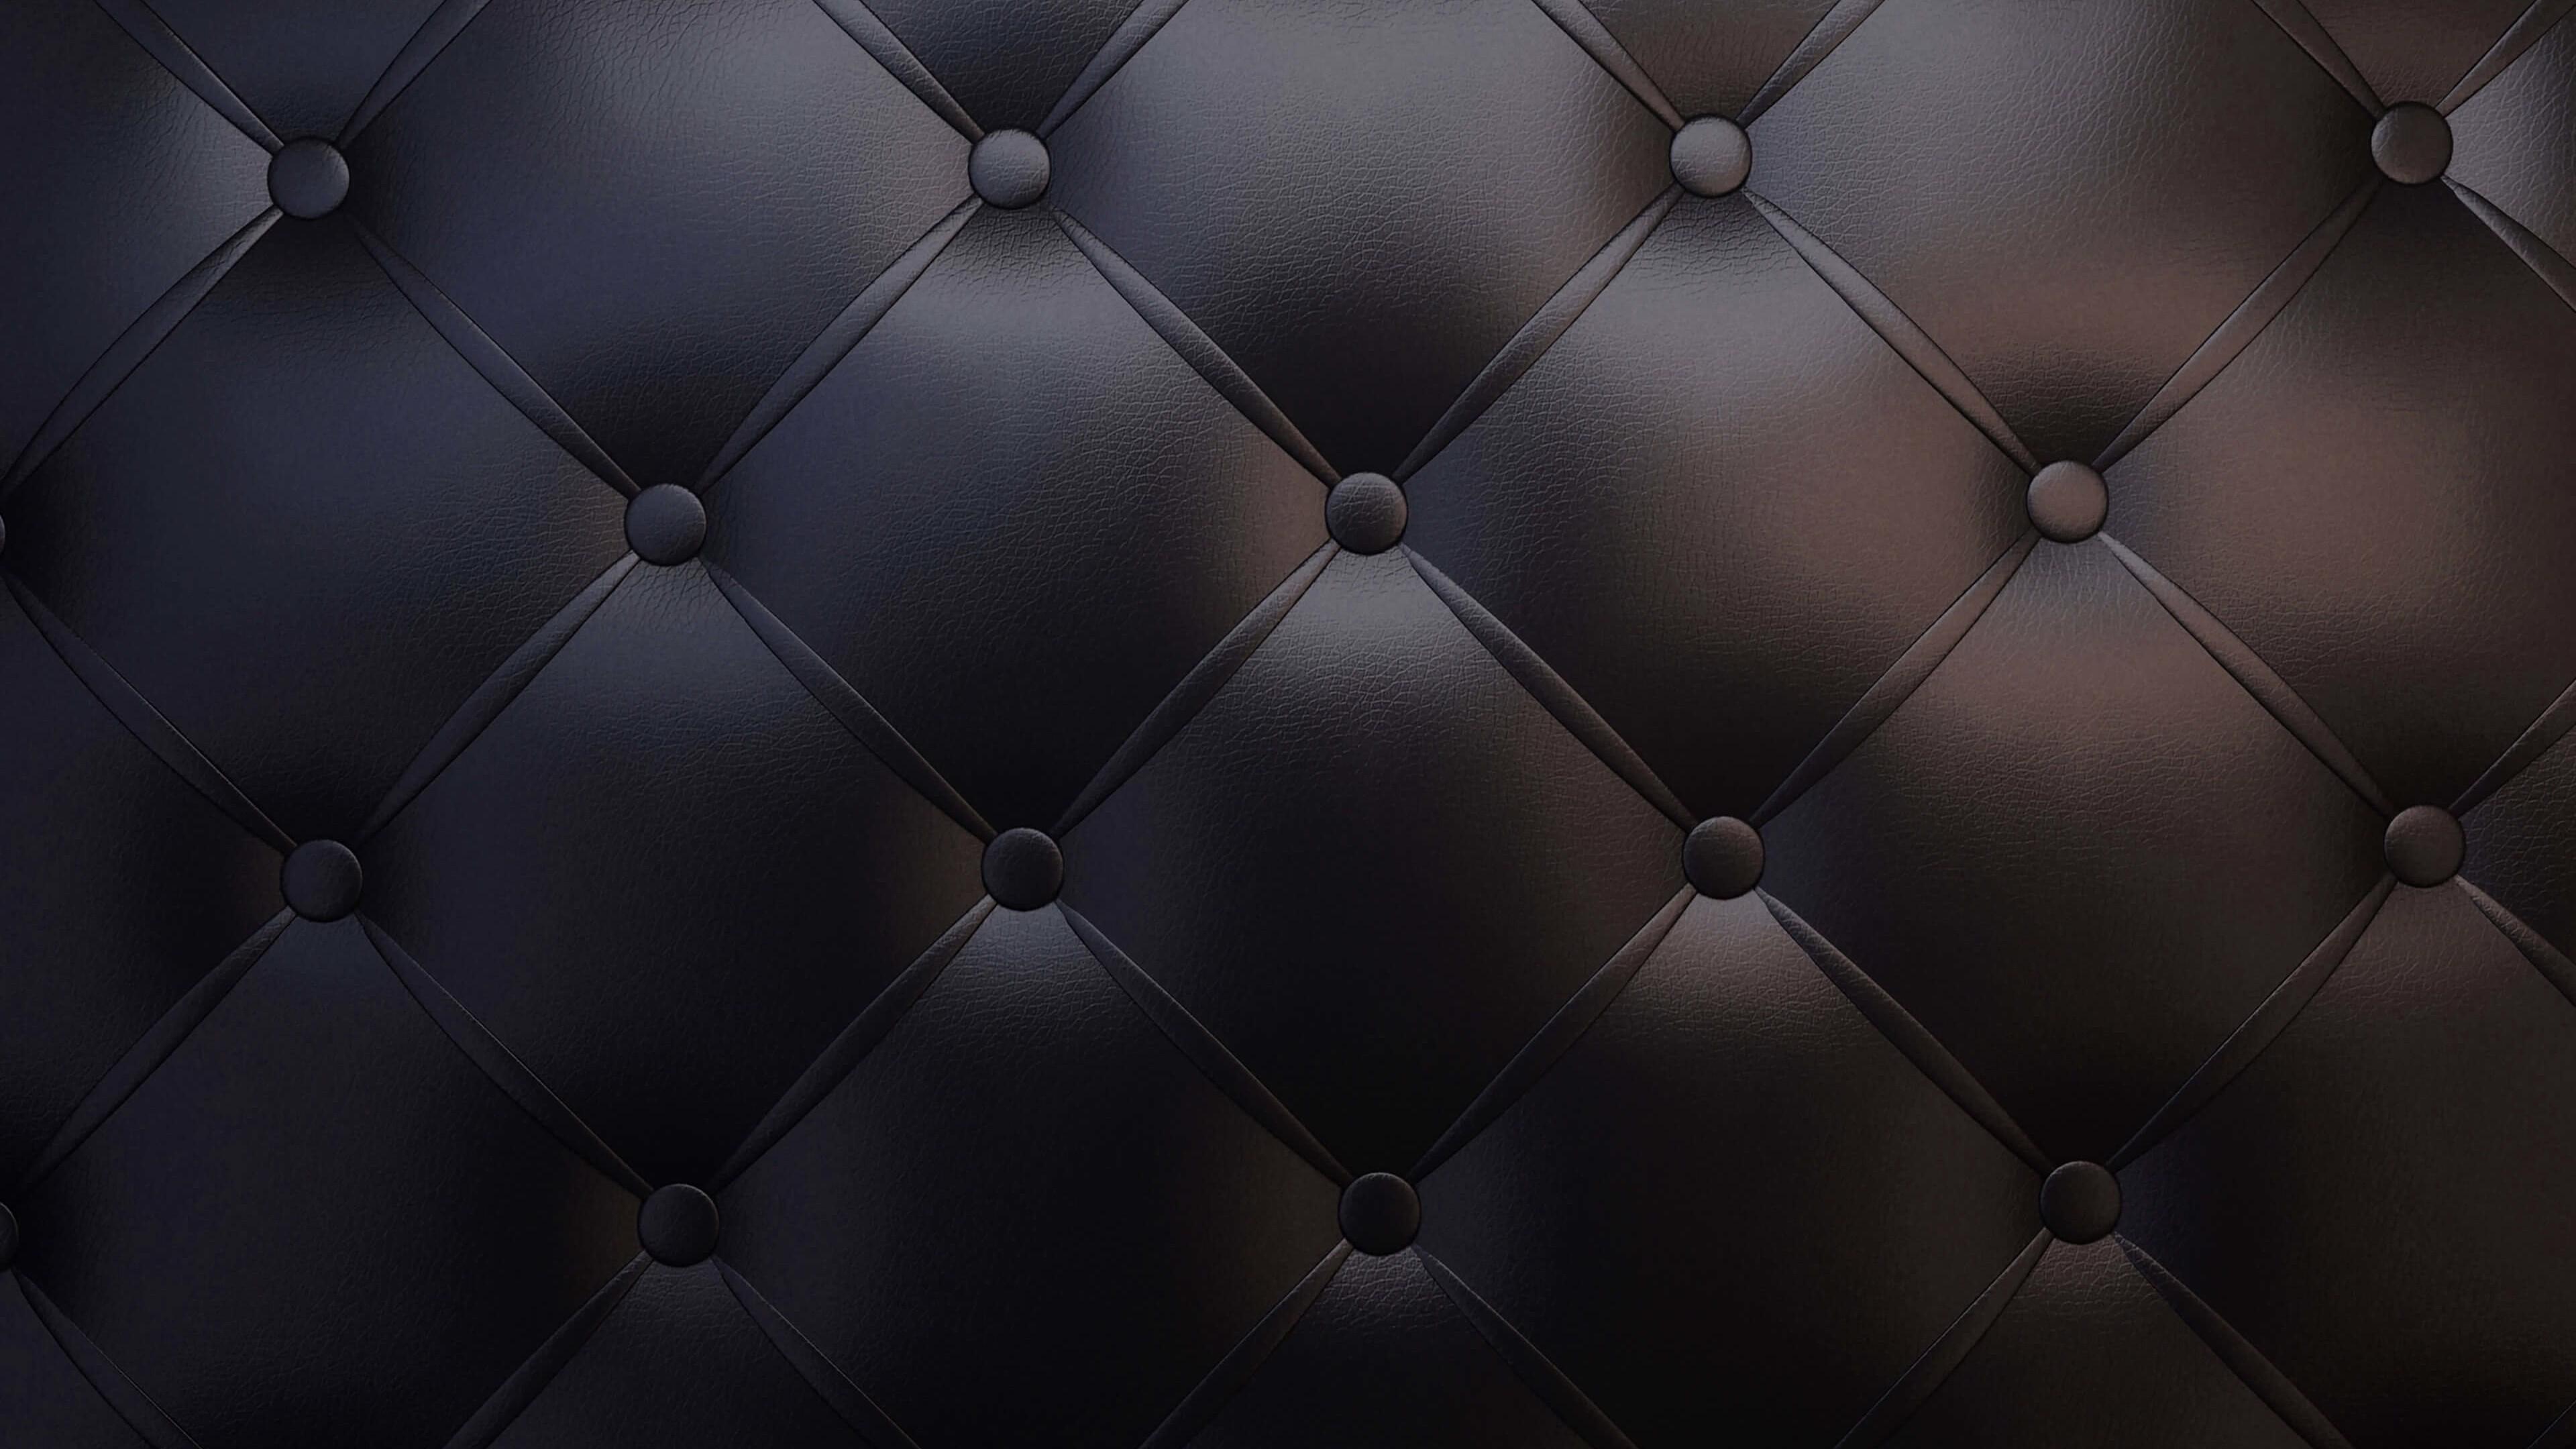 Black Leather Vintage Sofa Wallpaper for Desktop 4K 3840 x 2160